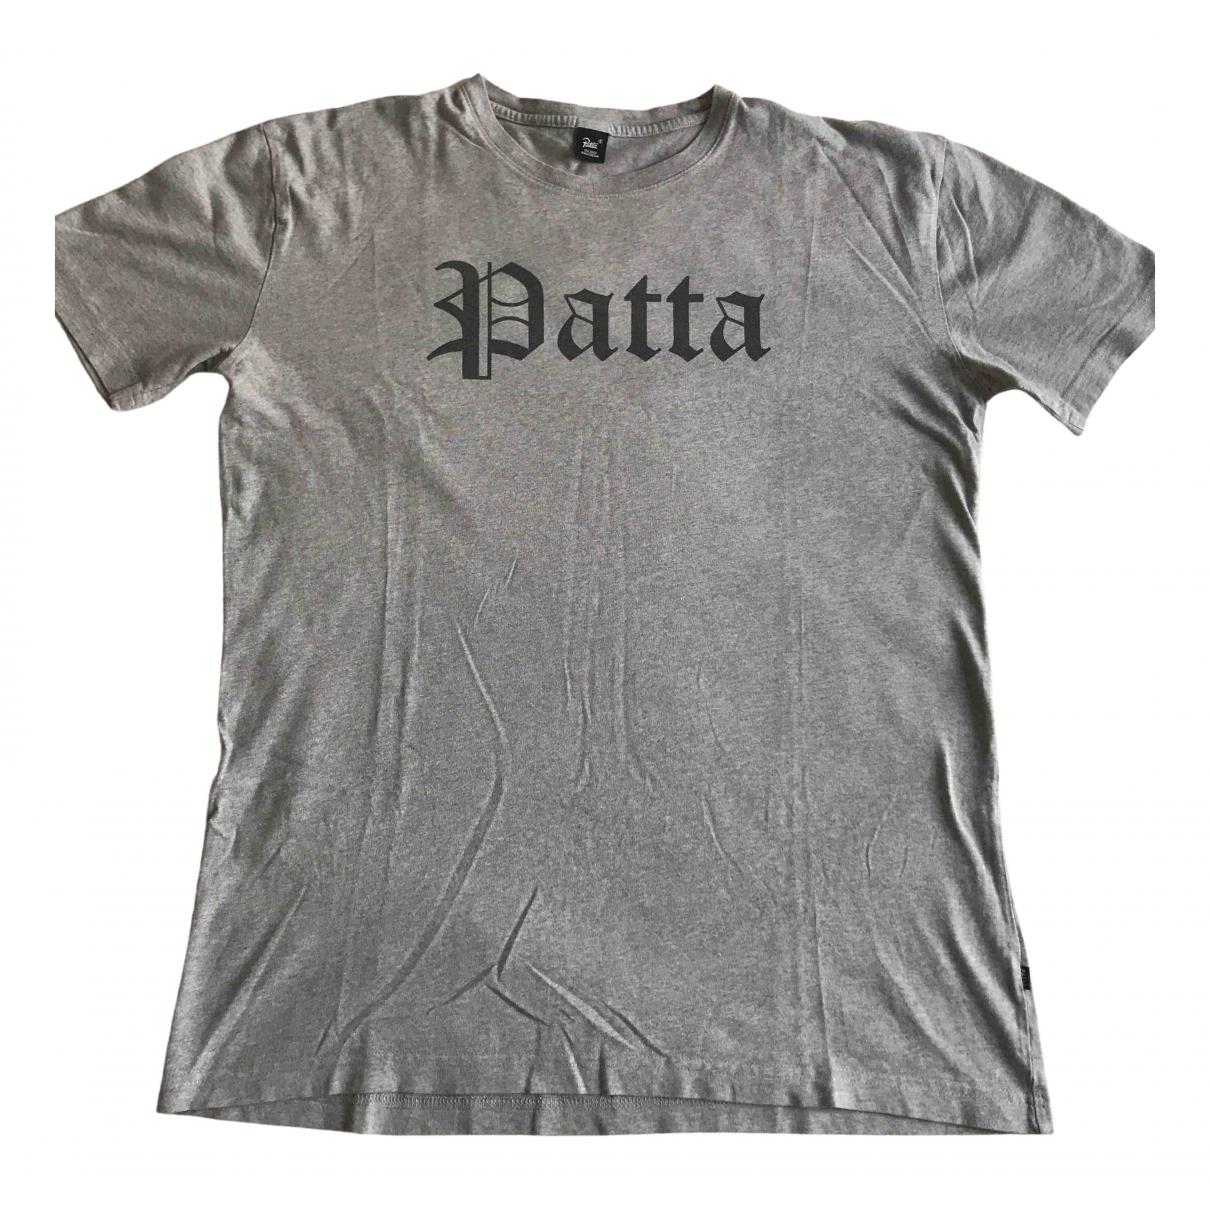 Patta - Tee shirts   pour homme en coton - gris